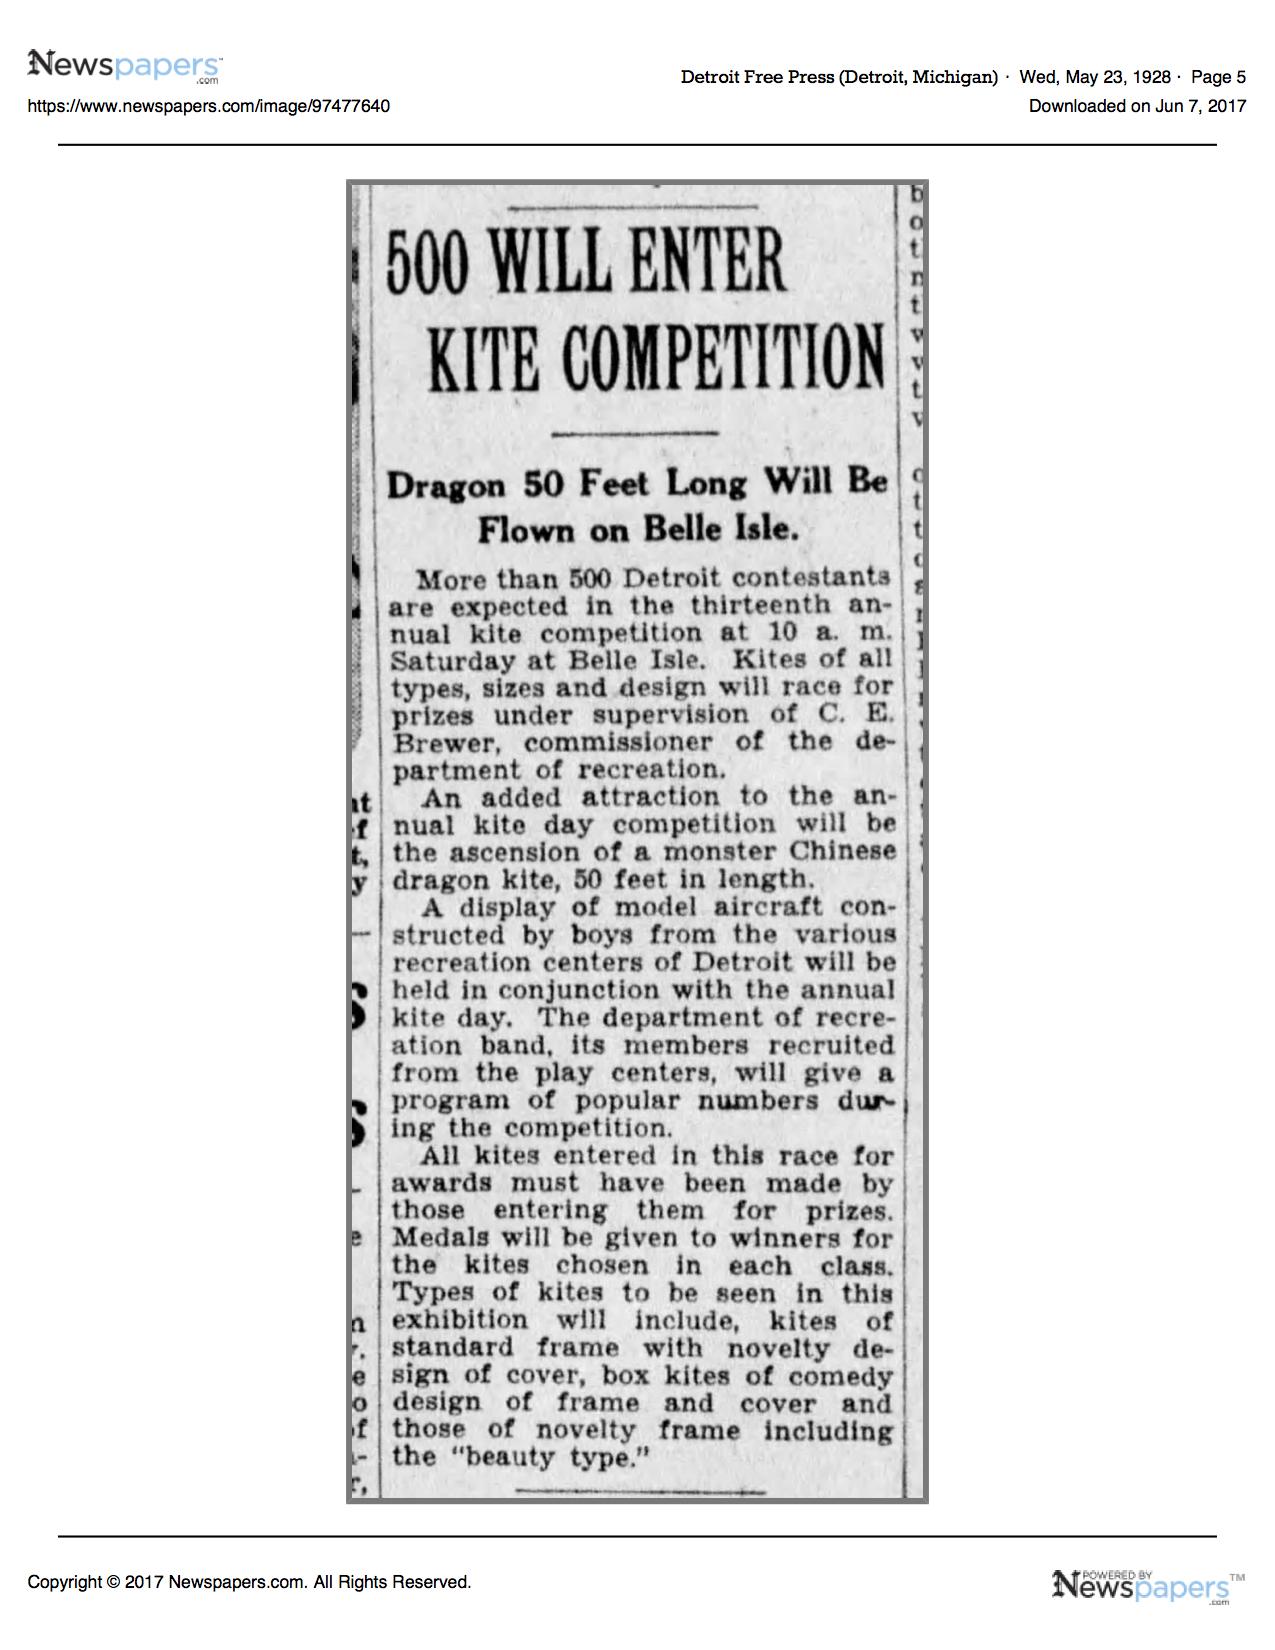 Detroit_Free_Press_Wed__May_23__1928_.jpg